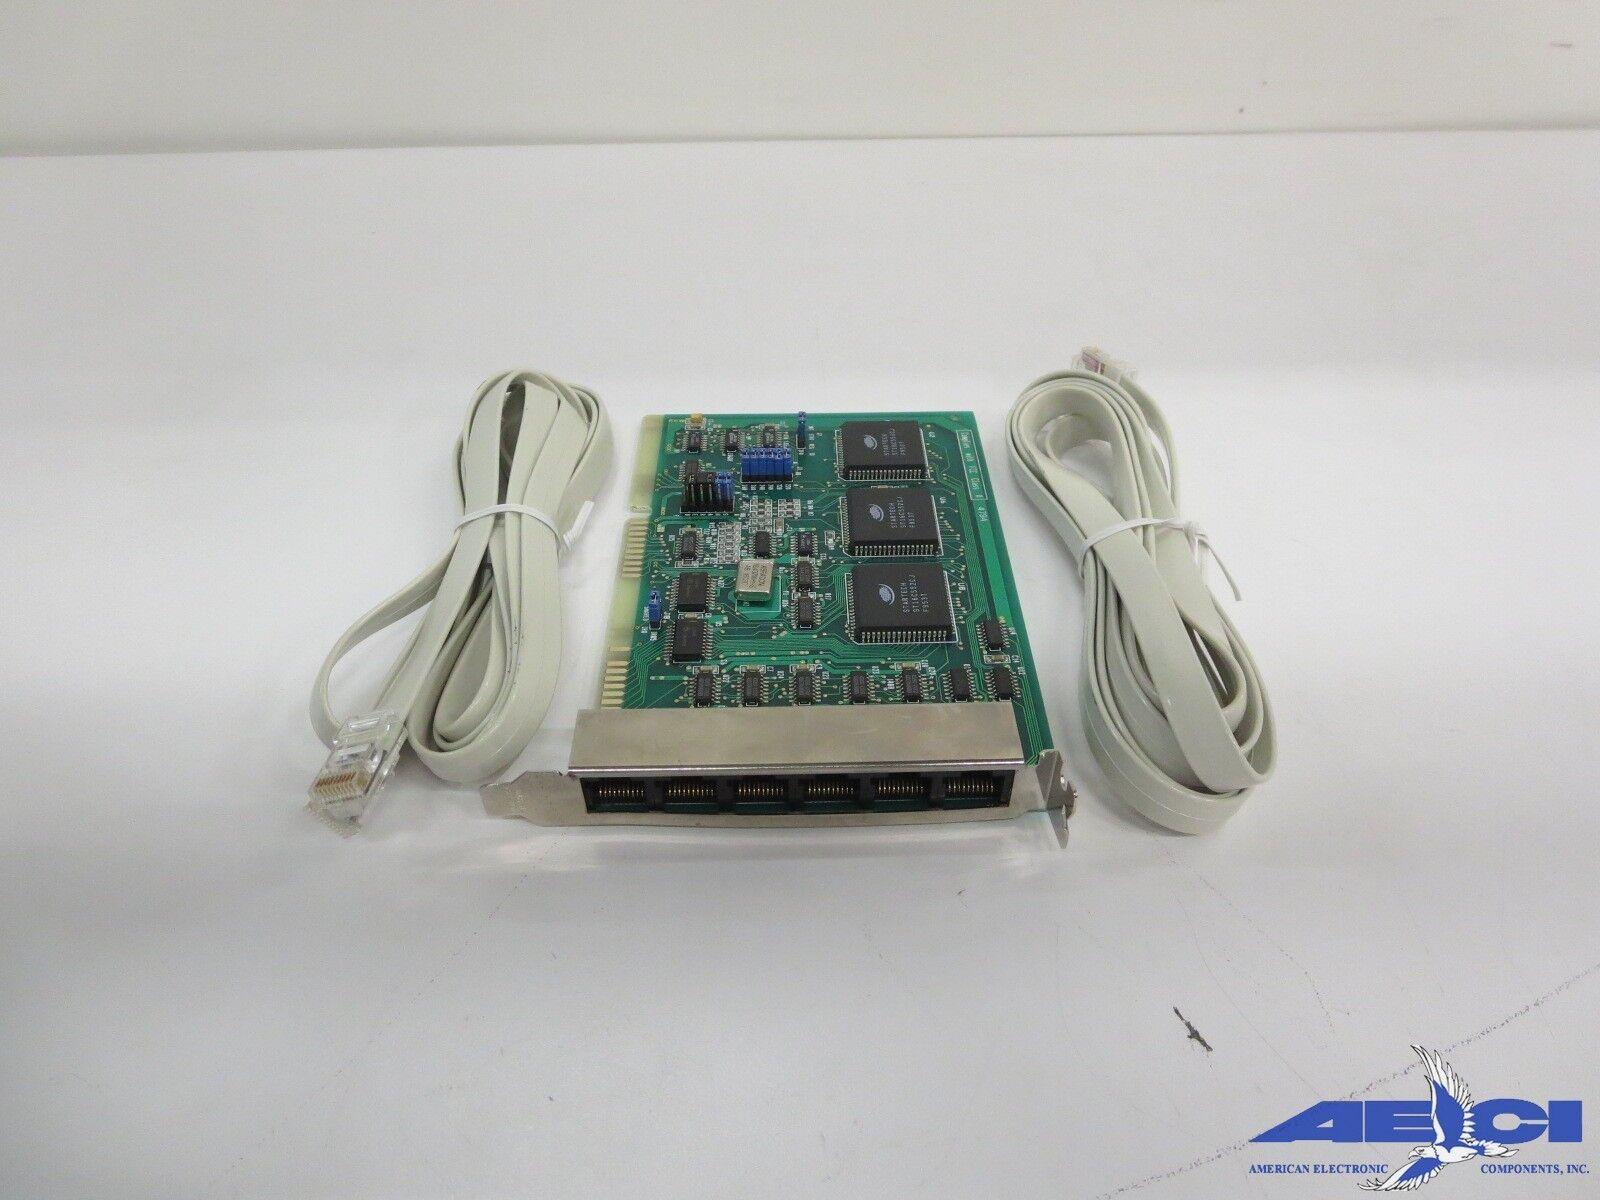 BOCA RESEARCH INC IOAT66 SERIAL CARD